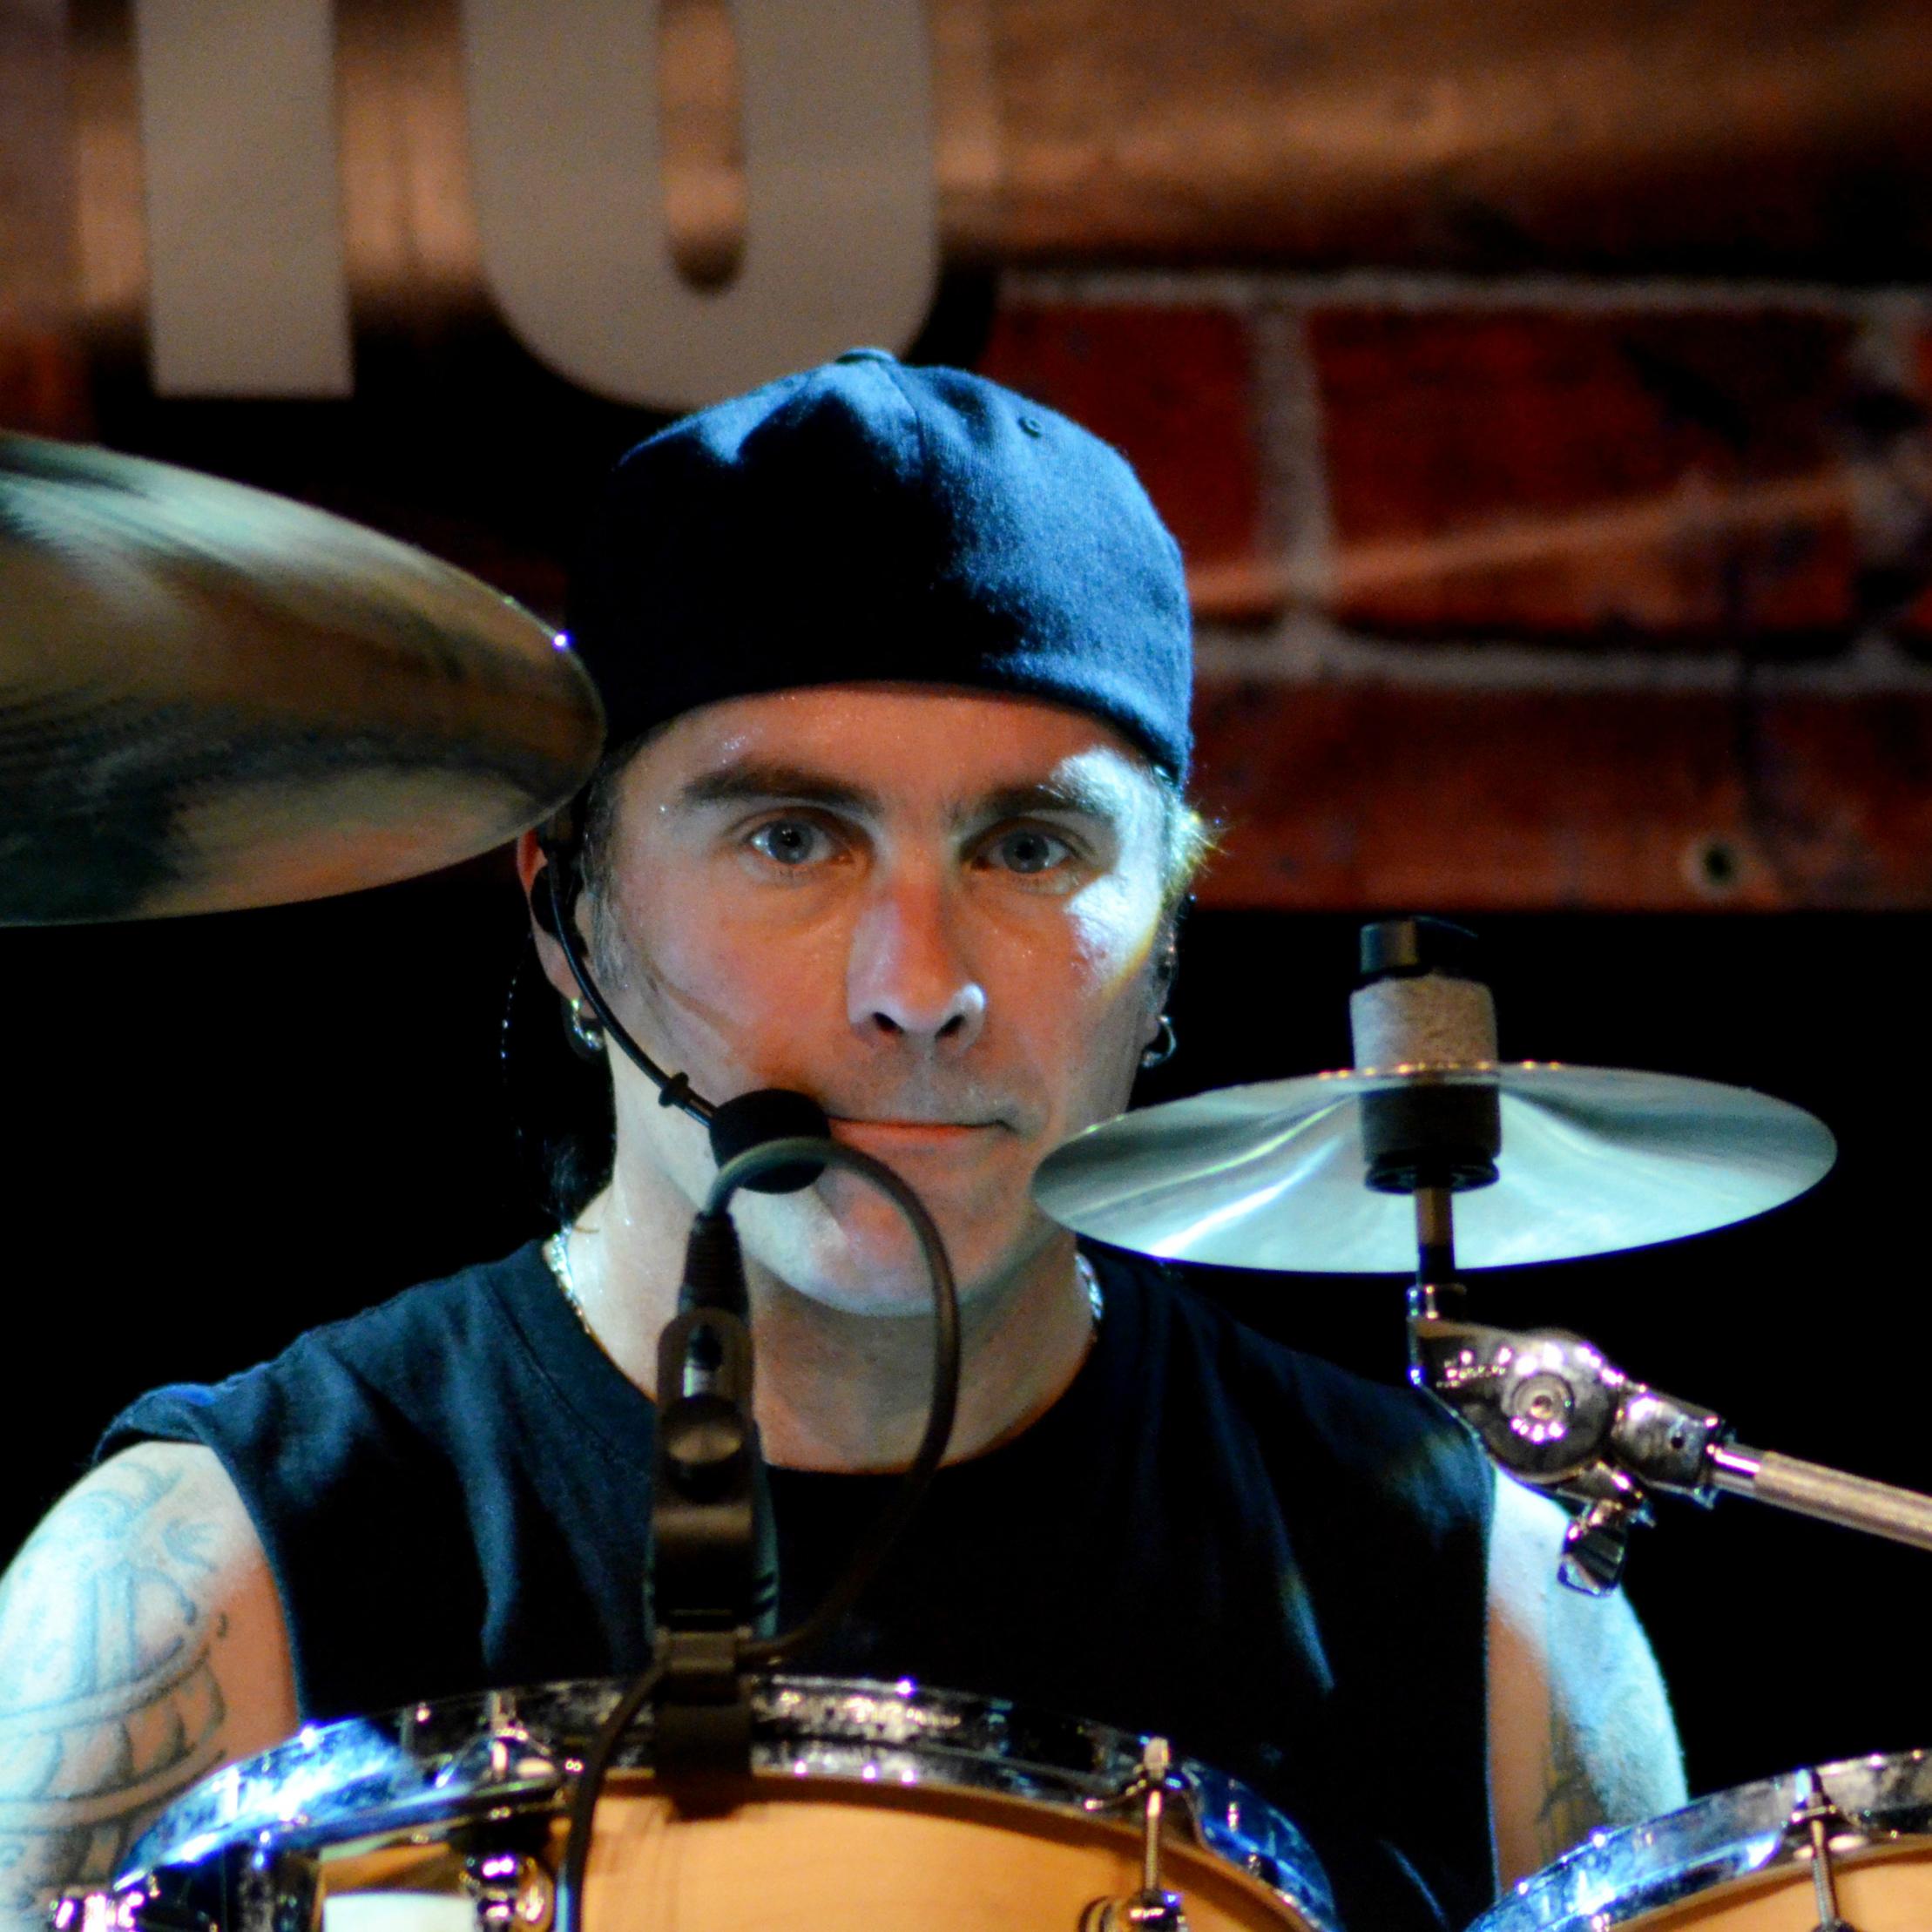 Jason Bittner Overkill